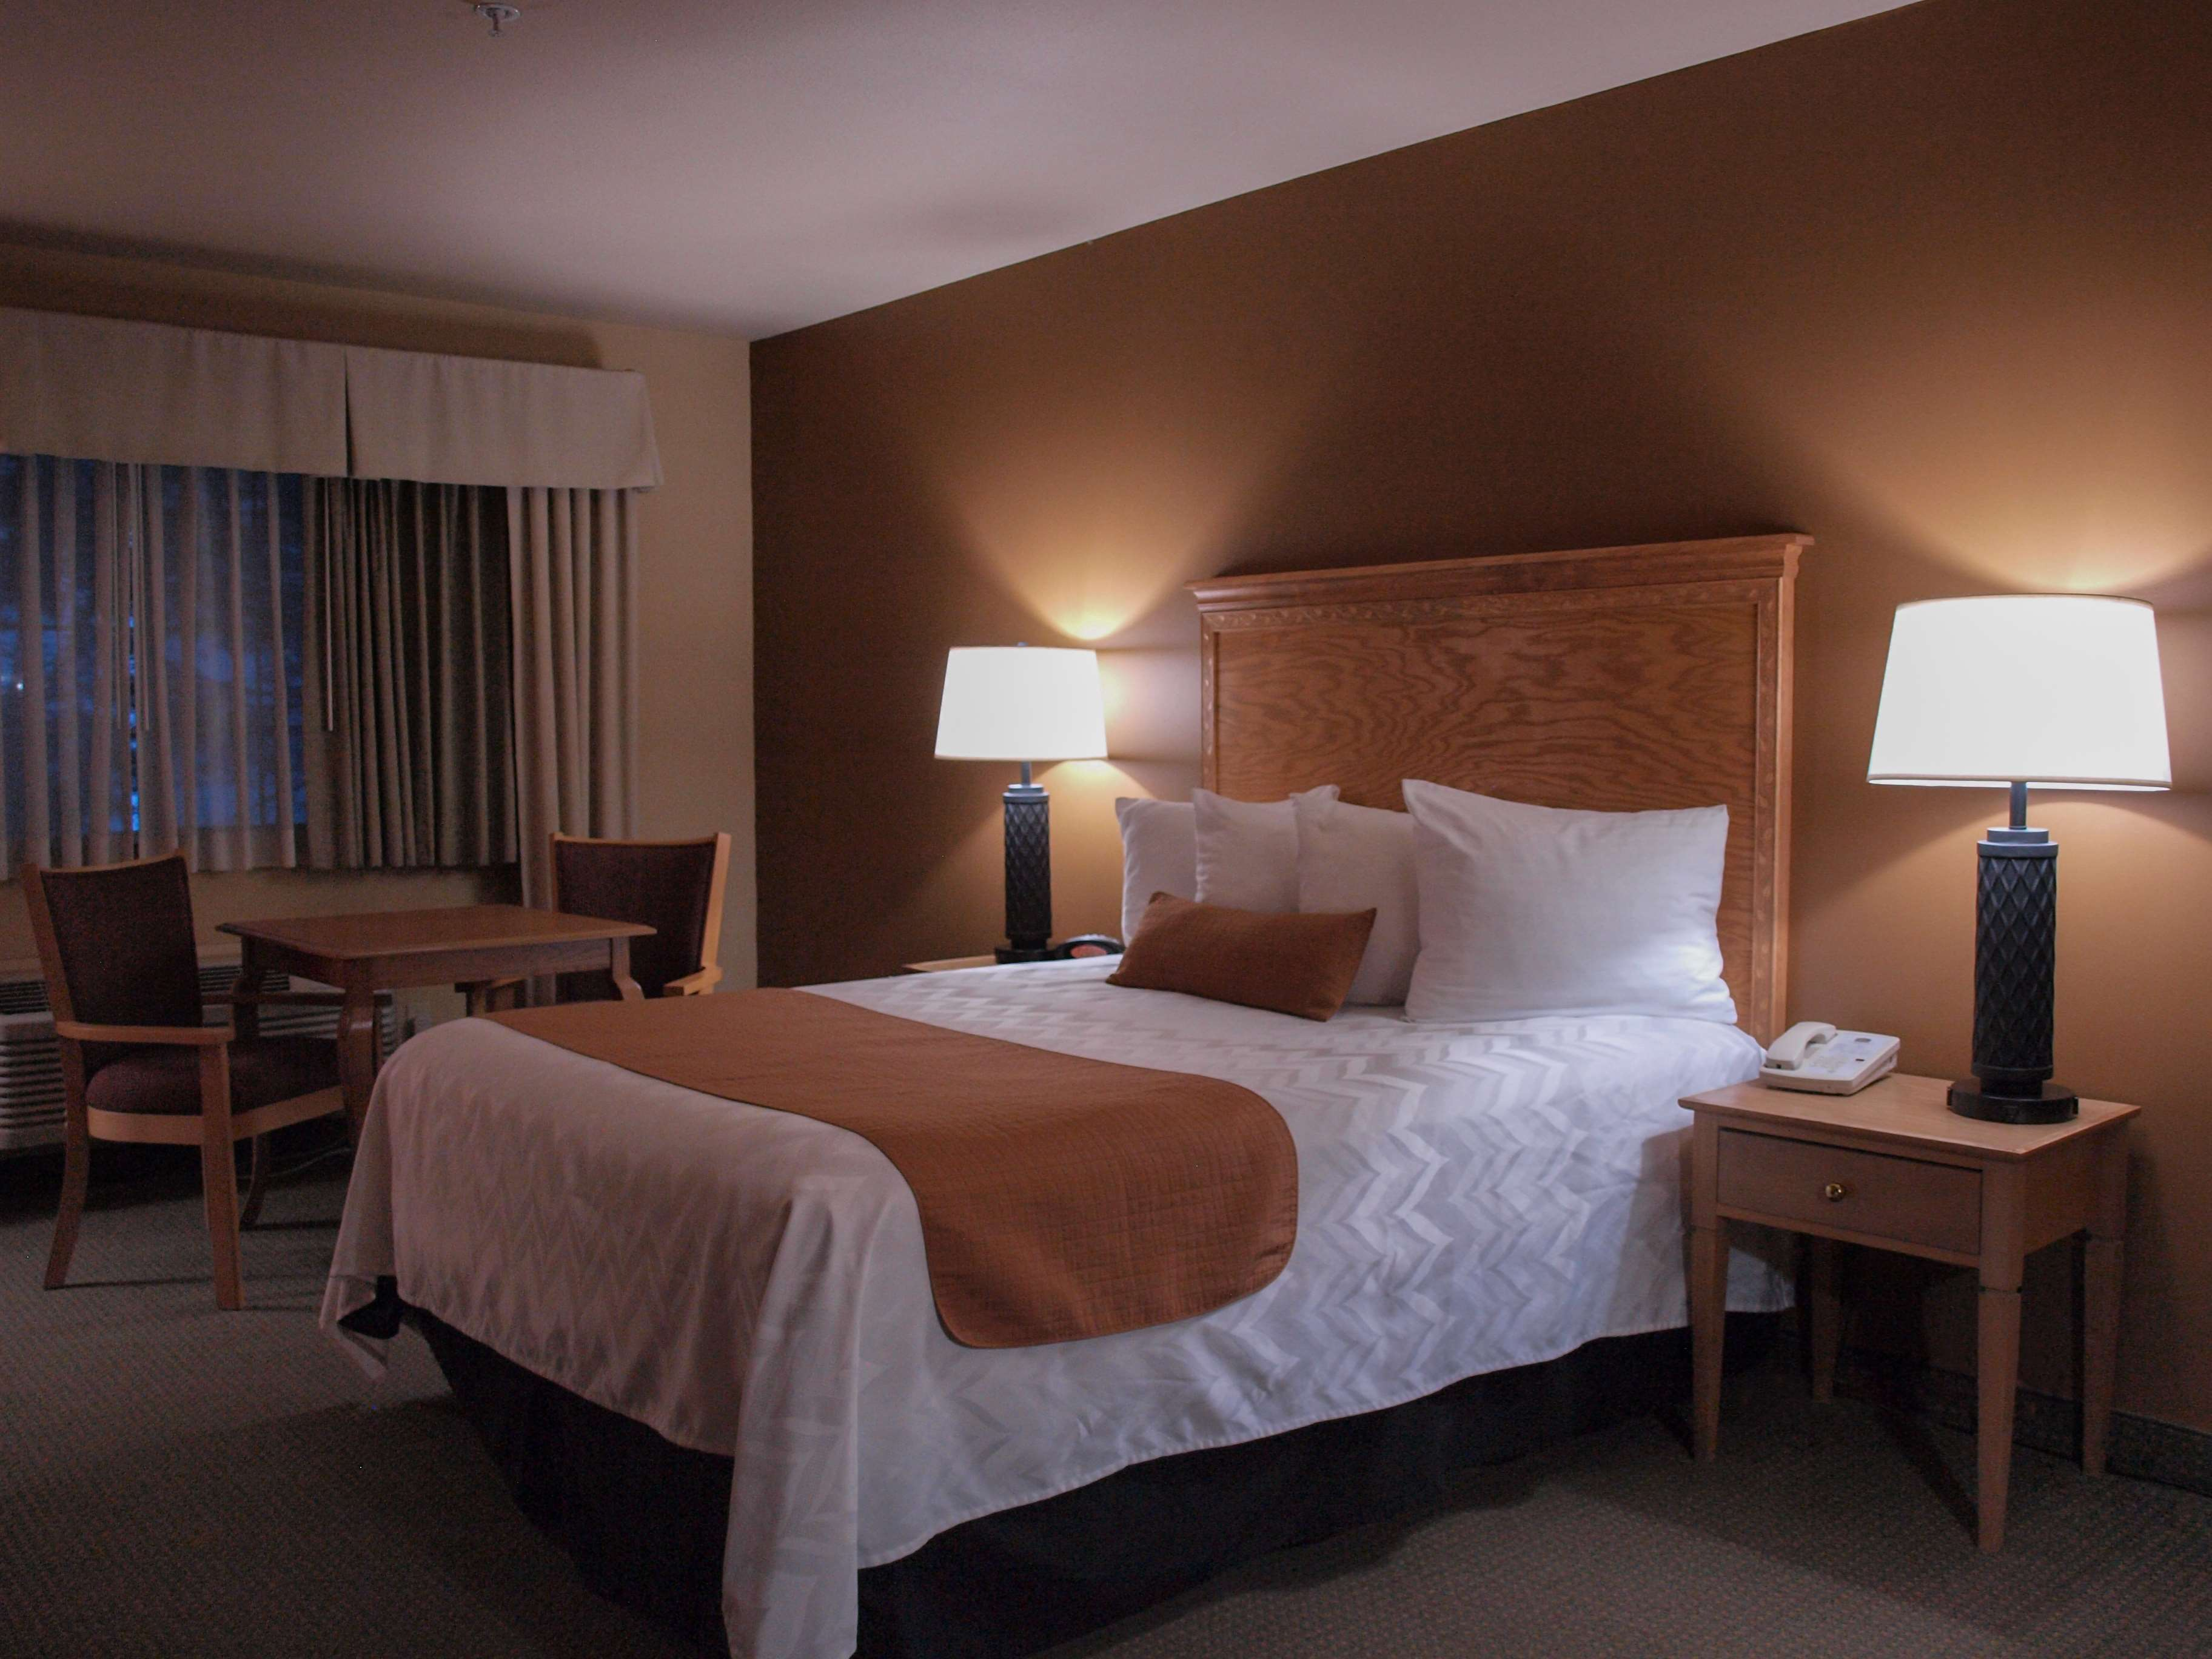 Best Western Plus Caldwell Inn & Suites image 24